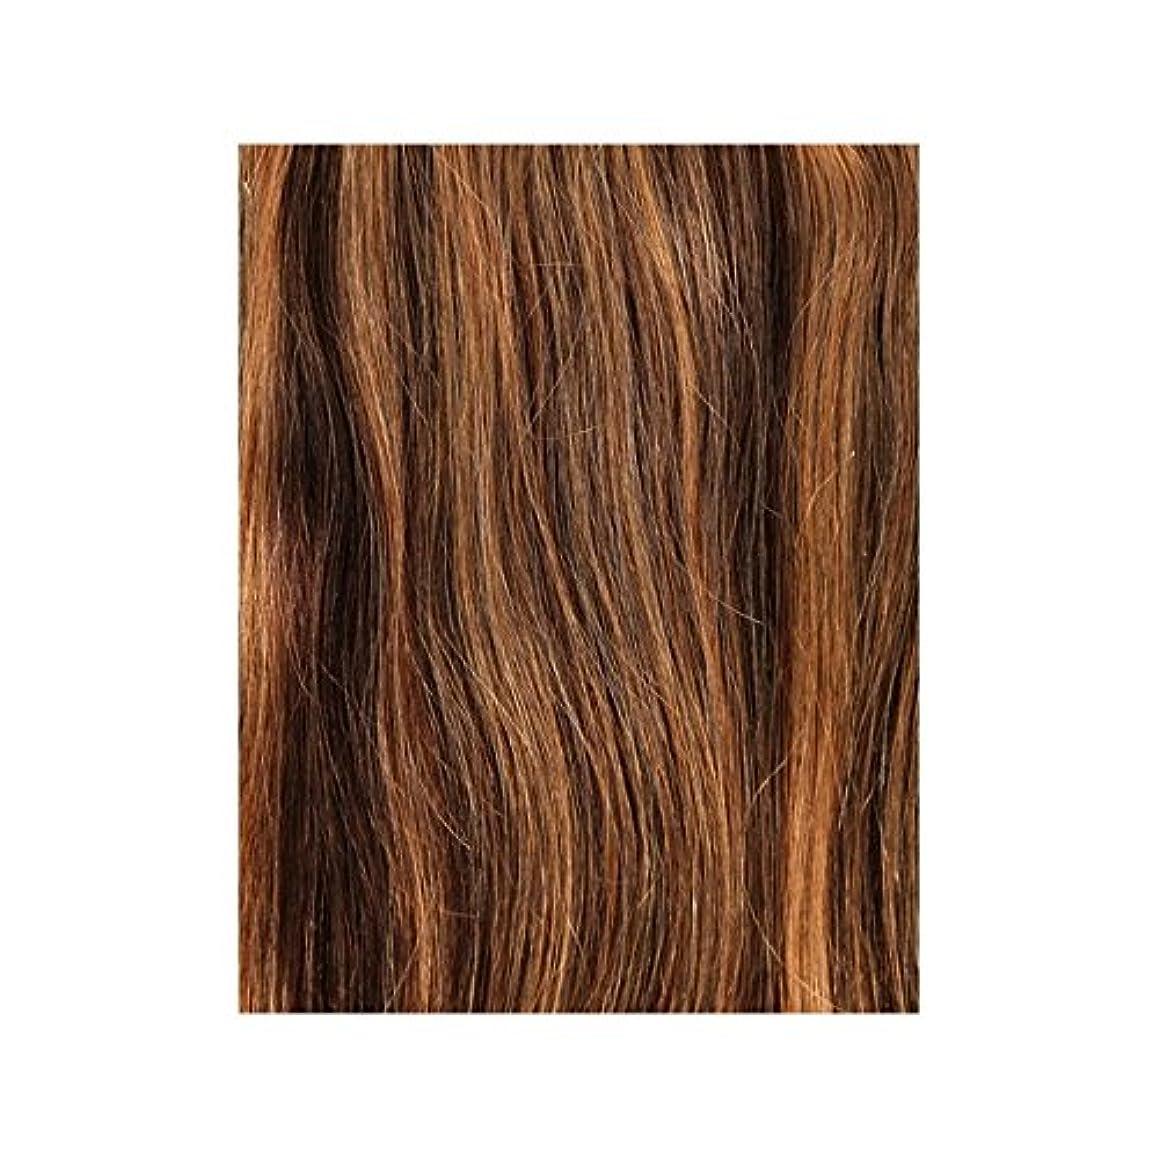 死傷者見捨てる再び4/27 - 美しさは、100%レミーの色見本ヘアエクステンションの作品 x2 - Beauty Works 100% Remy Colour Swatch Hair Extension - Blondette 4/27 (Pack of 2) [並行輸入品]